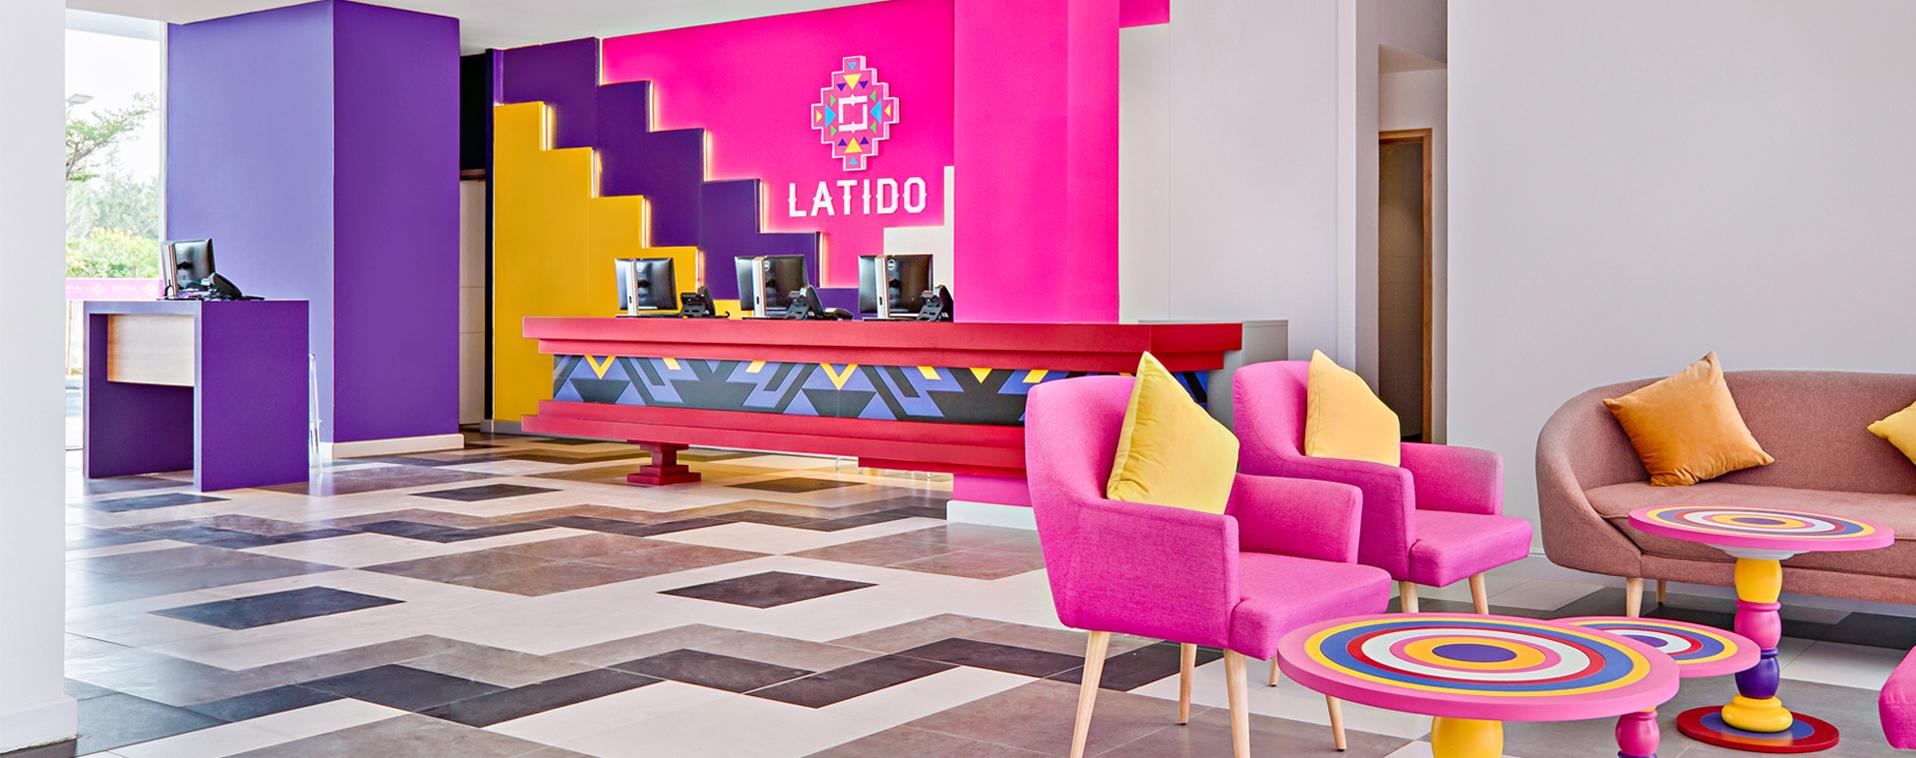 Giới thiệu khách sạn Latido Cocobay Đà Nẵng - Tông Màu hường xinh xắn